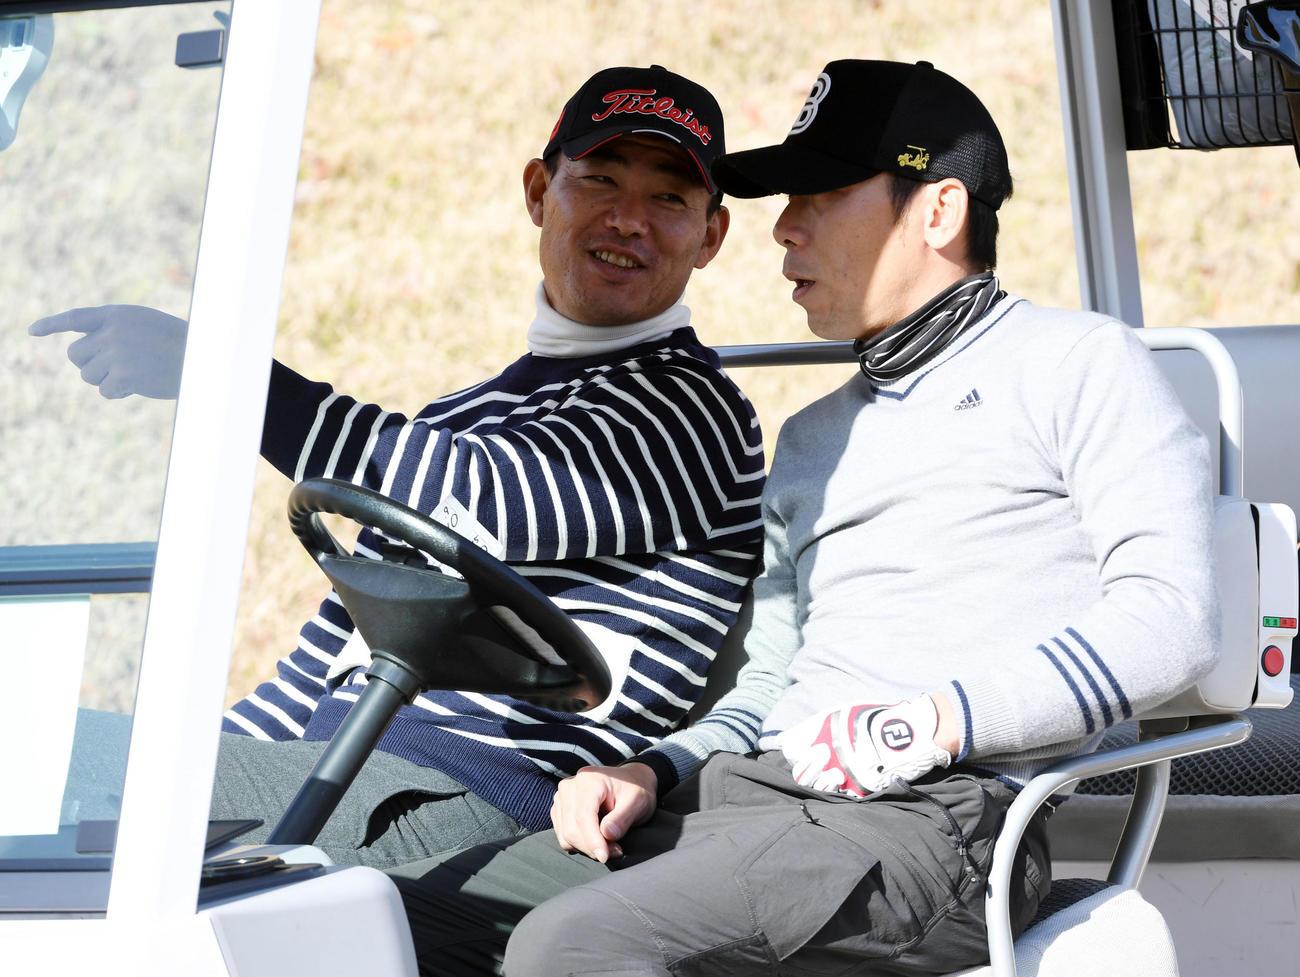 福留(左)はティーショットの待ち時間に荒木(右)と談笑する(2018年12月5日)